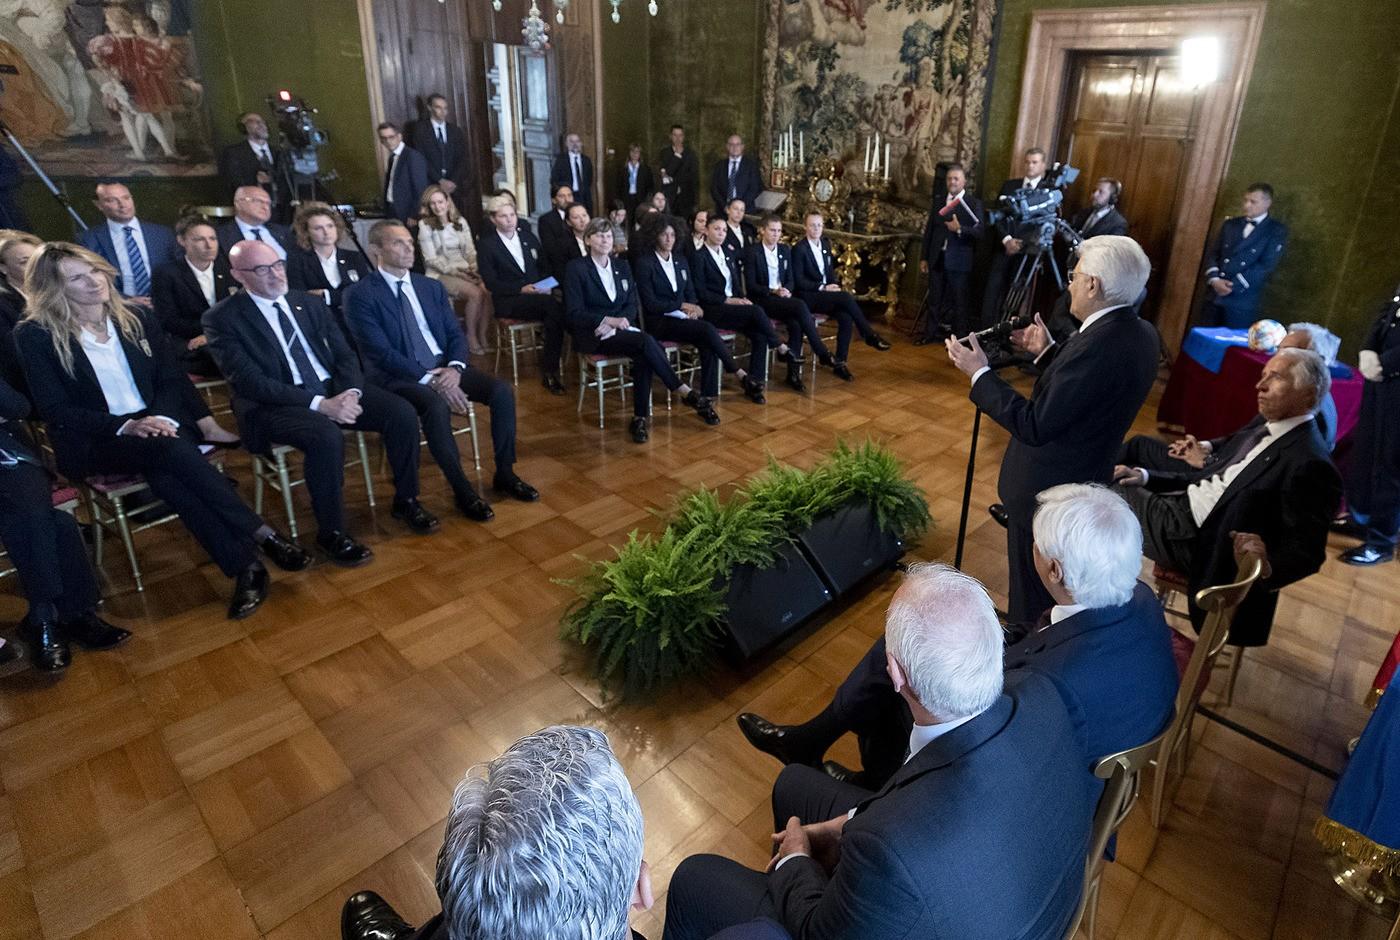 Paolo Giandotti/Ufficio Stampa Q